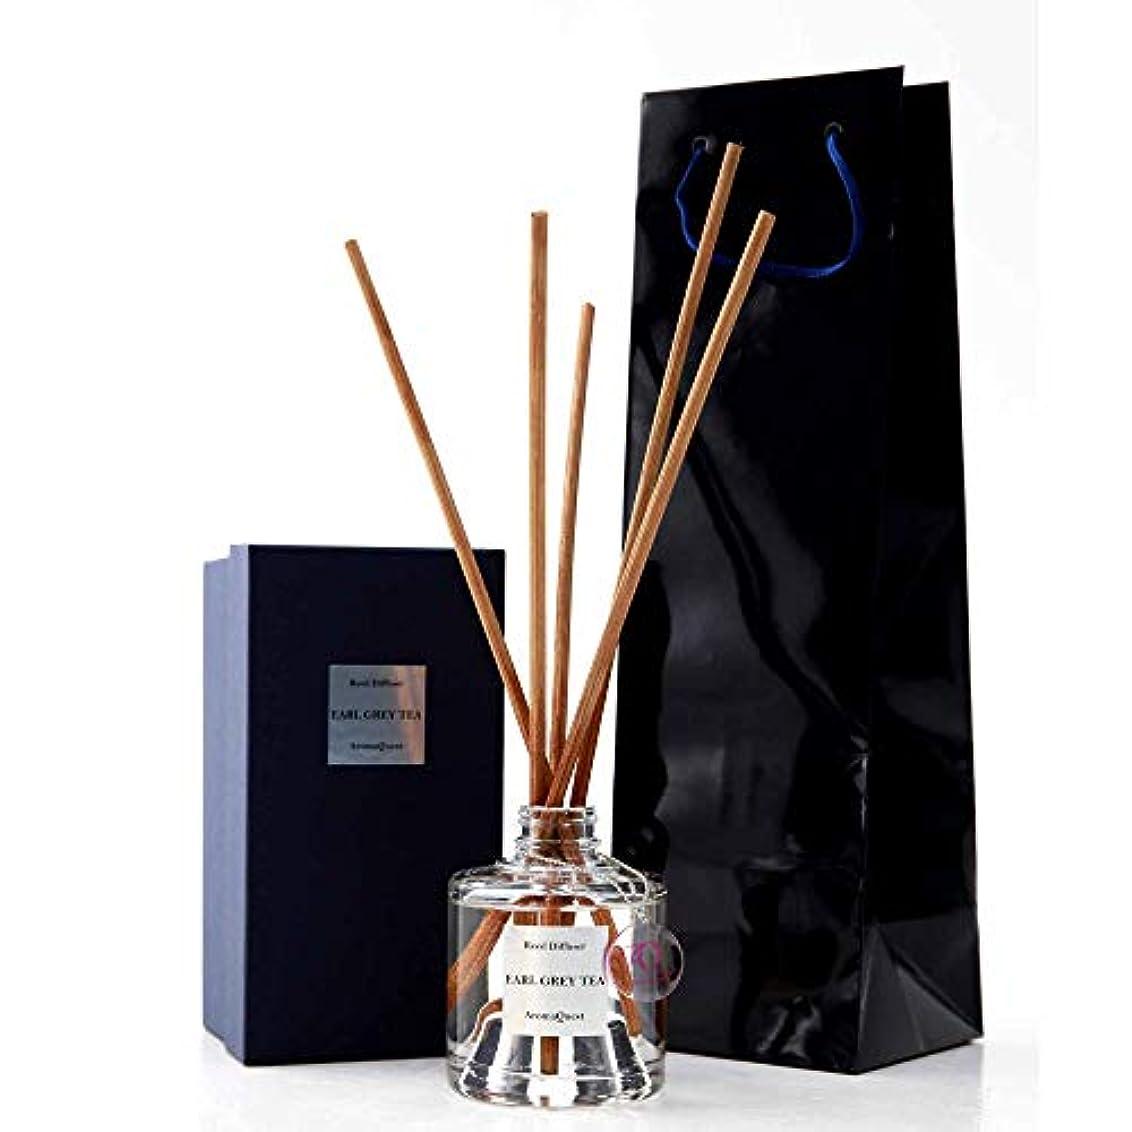 甘やかすハッピーみぞれルームフレグランス リードディフューザー アロマディフューザー 150ml アールグレイティー EARL GREY TEA 紅茶の香り